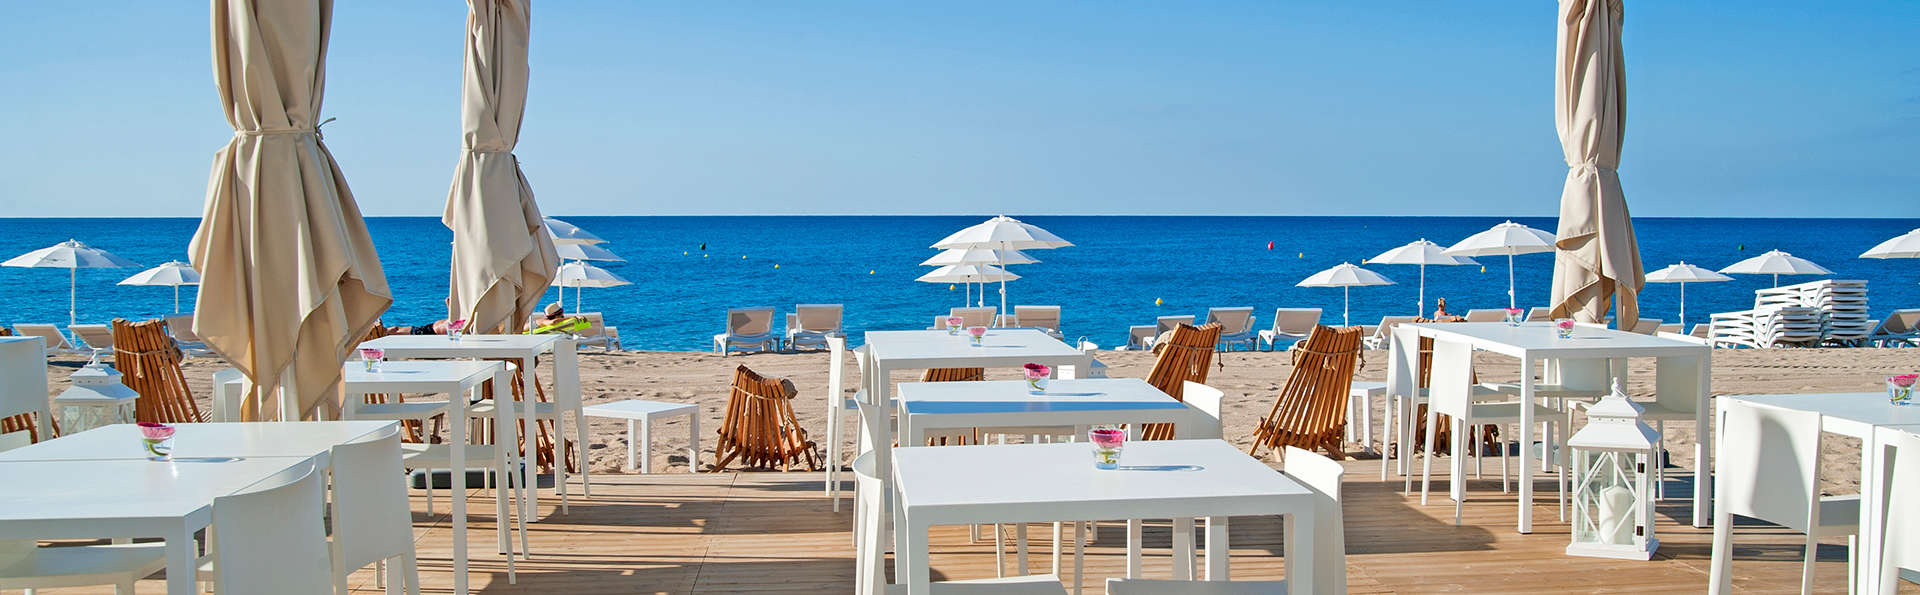 Profitez du soleil de Calella à deux pas de la plage